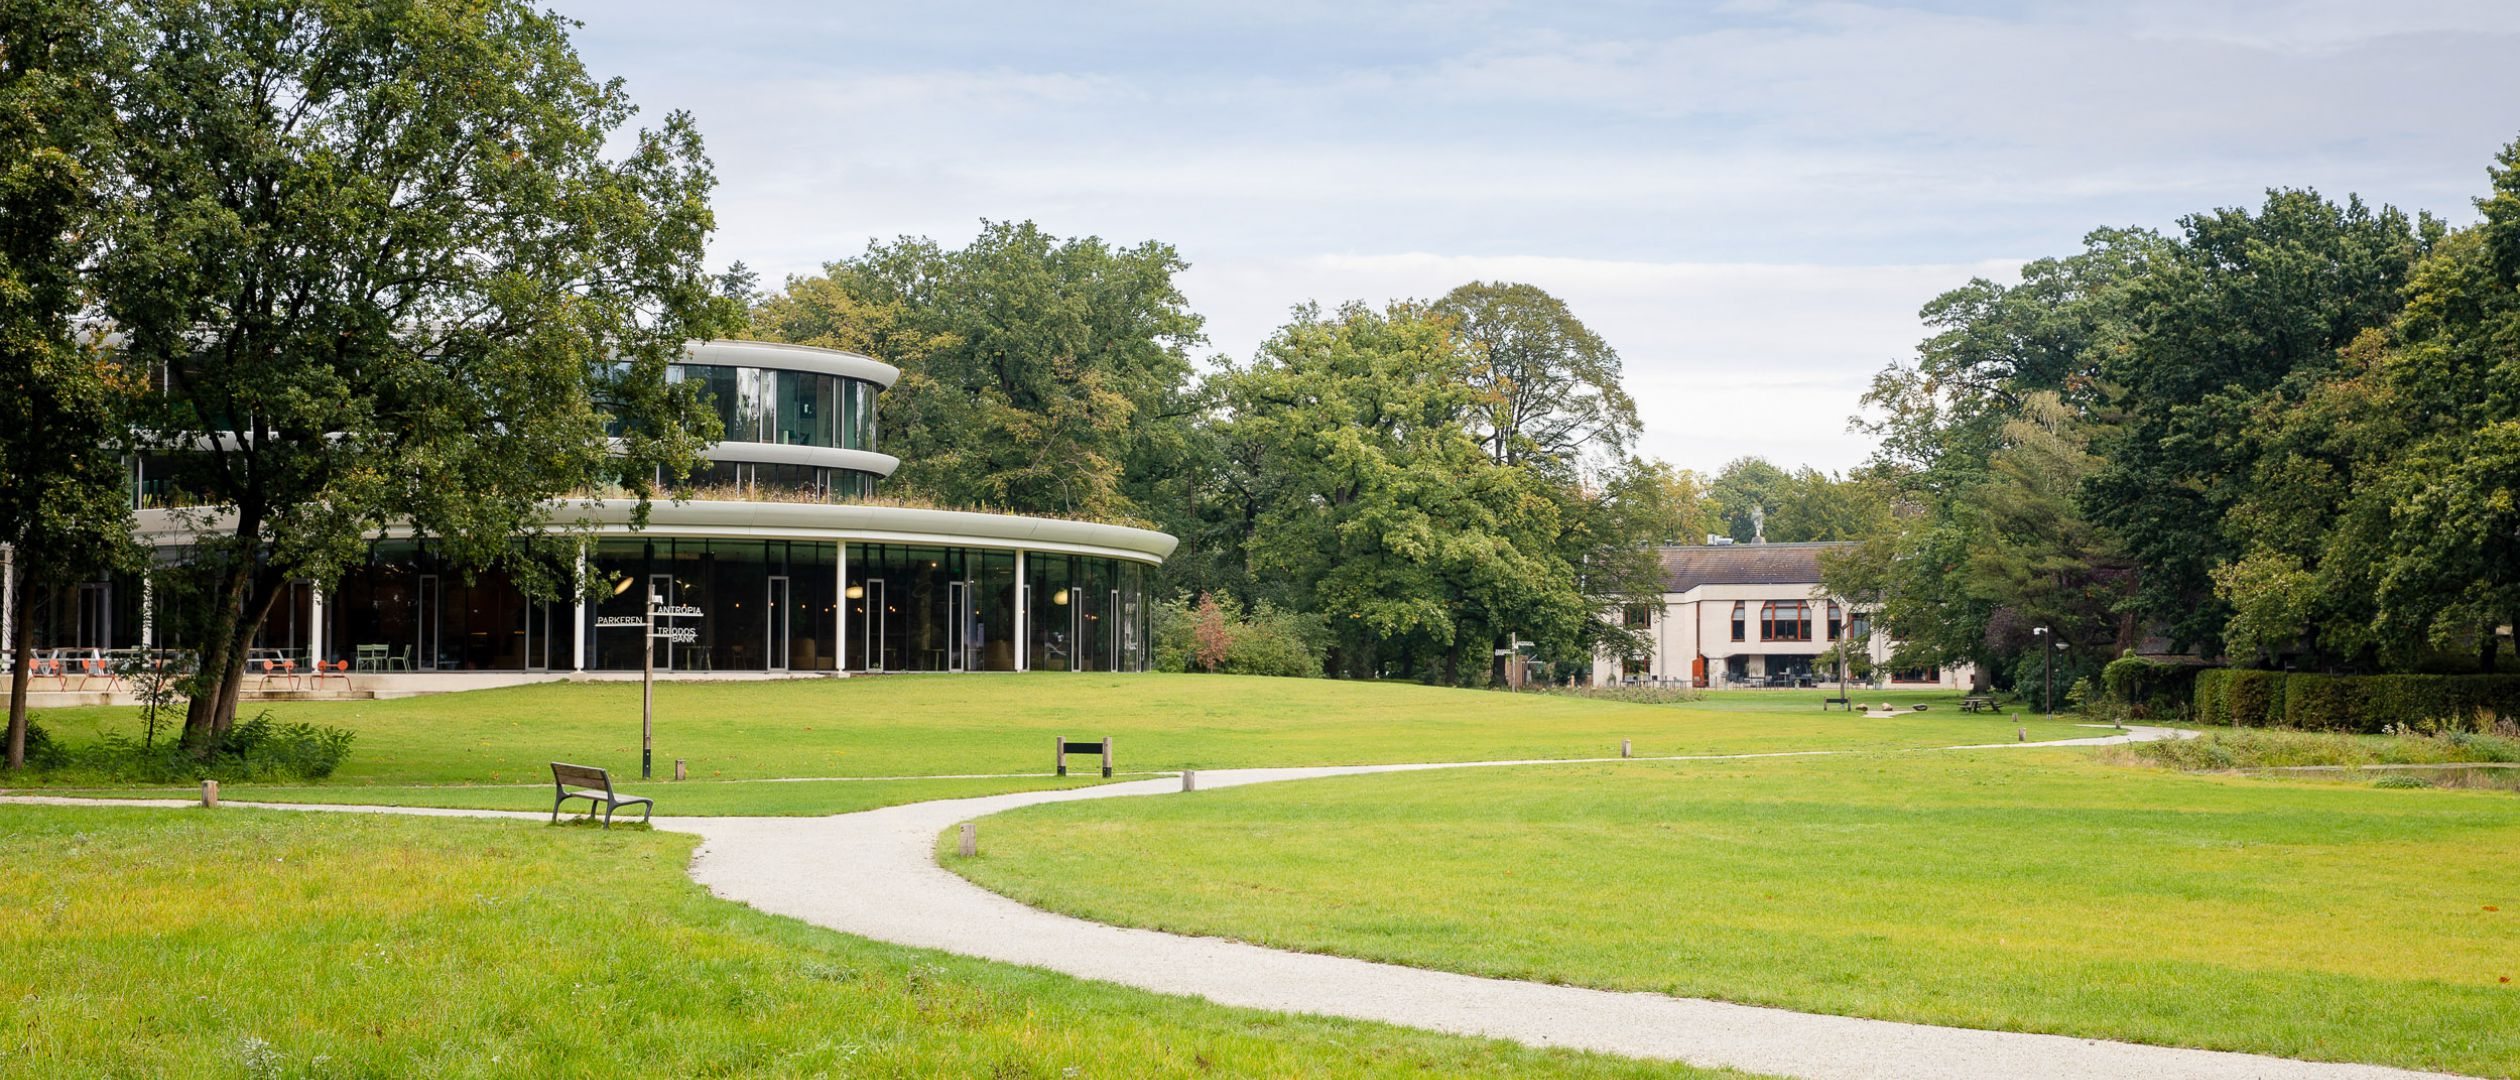 Campus Triodos Bank, Landgoed De Reehorst, Zeist